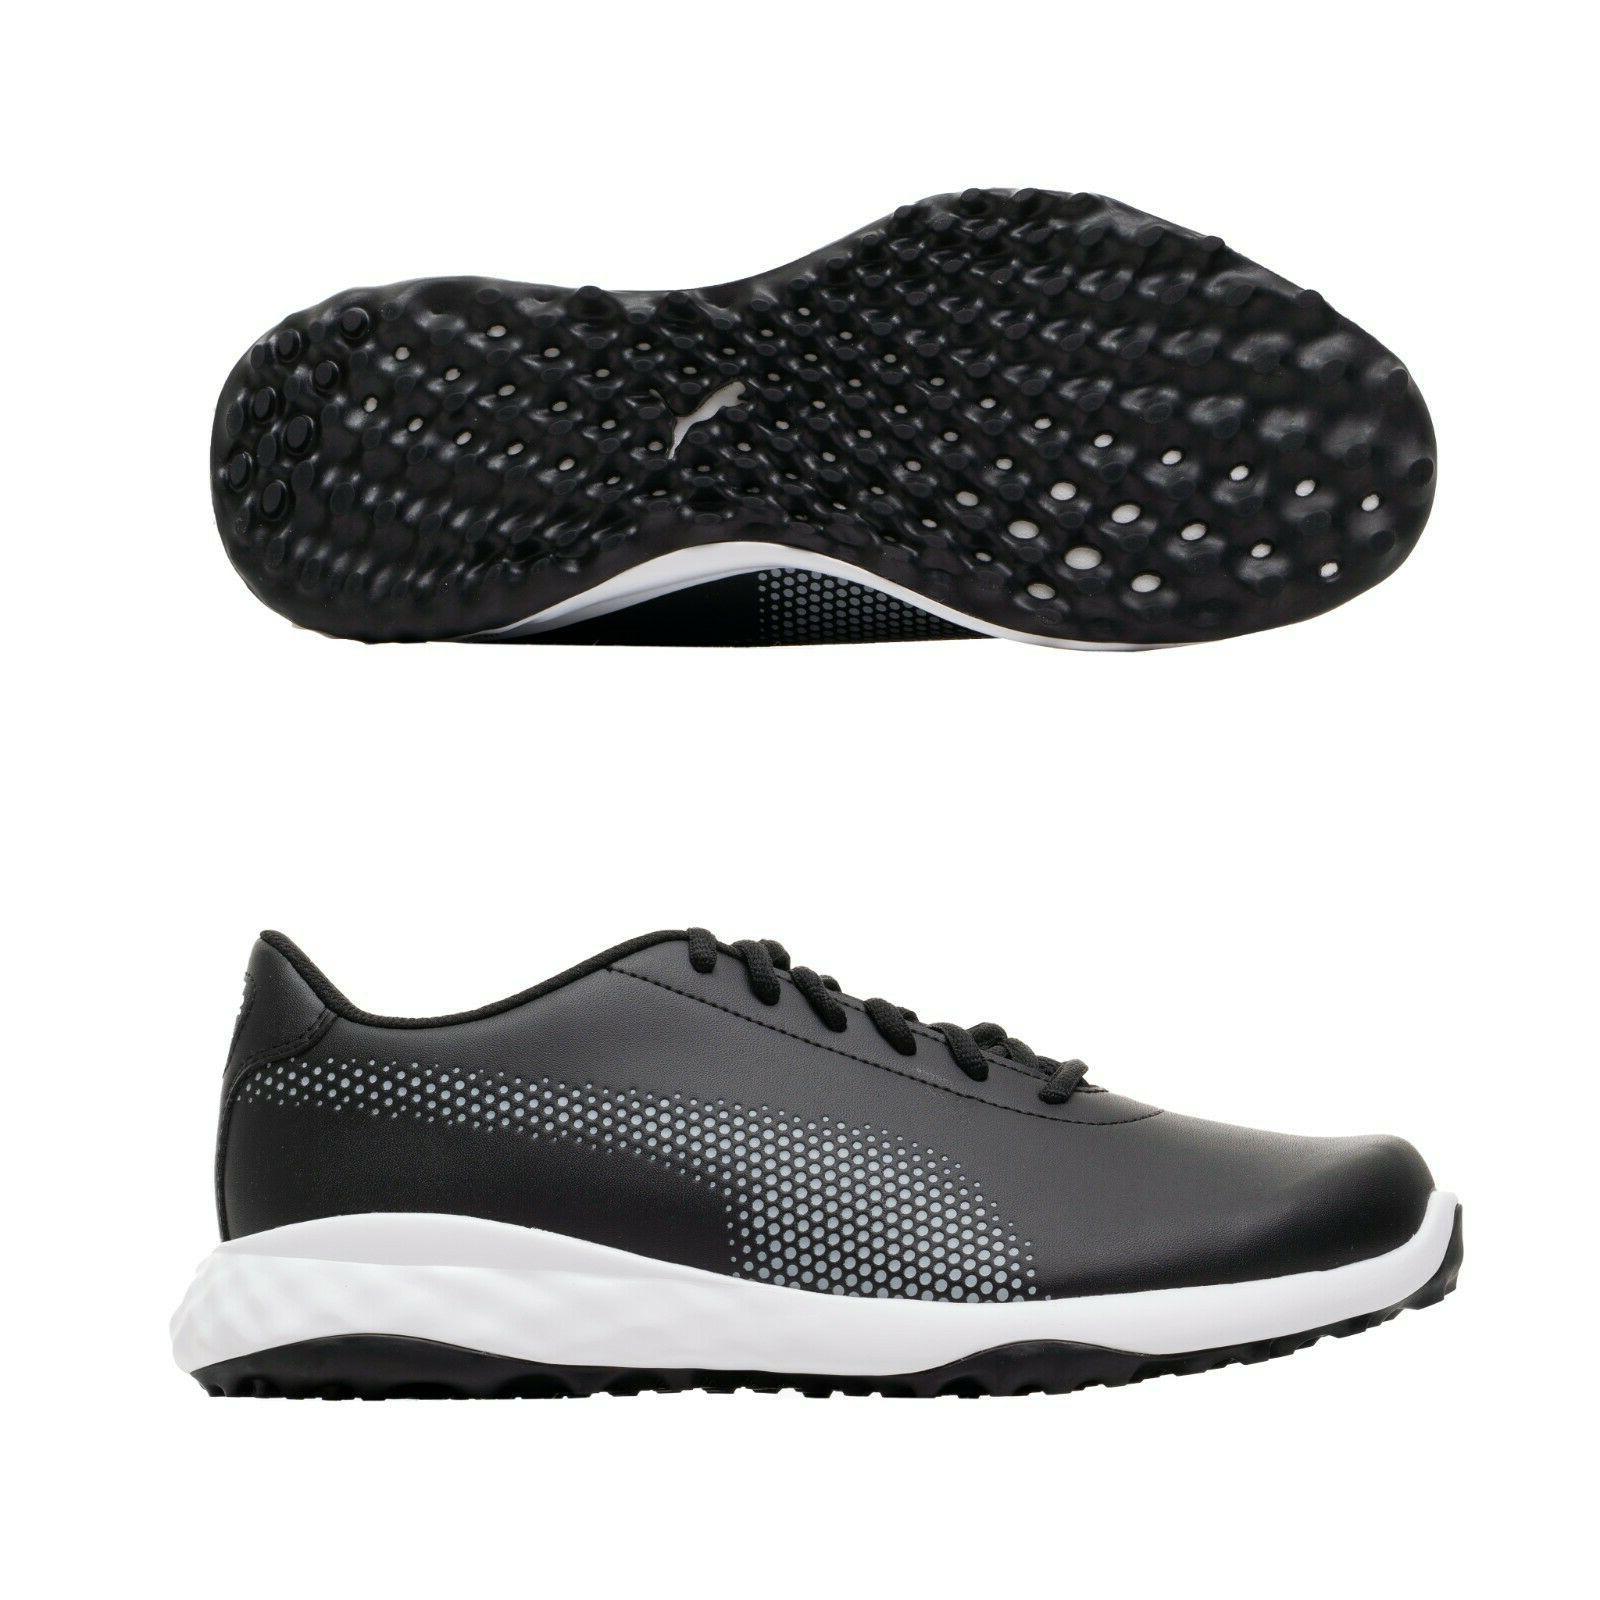 Puma Grip Shoes